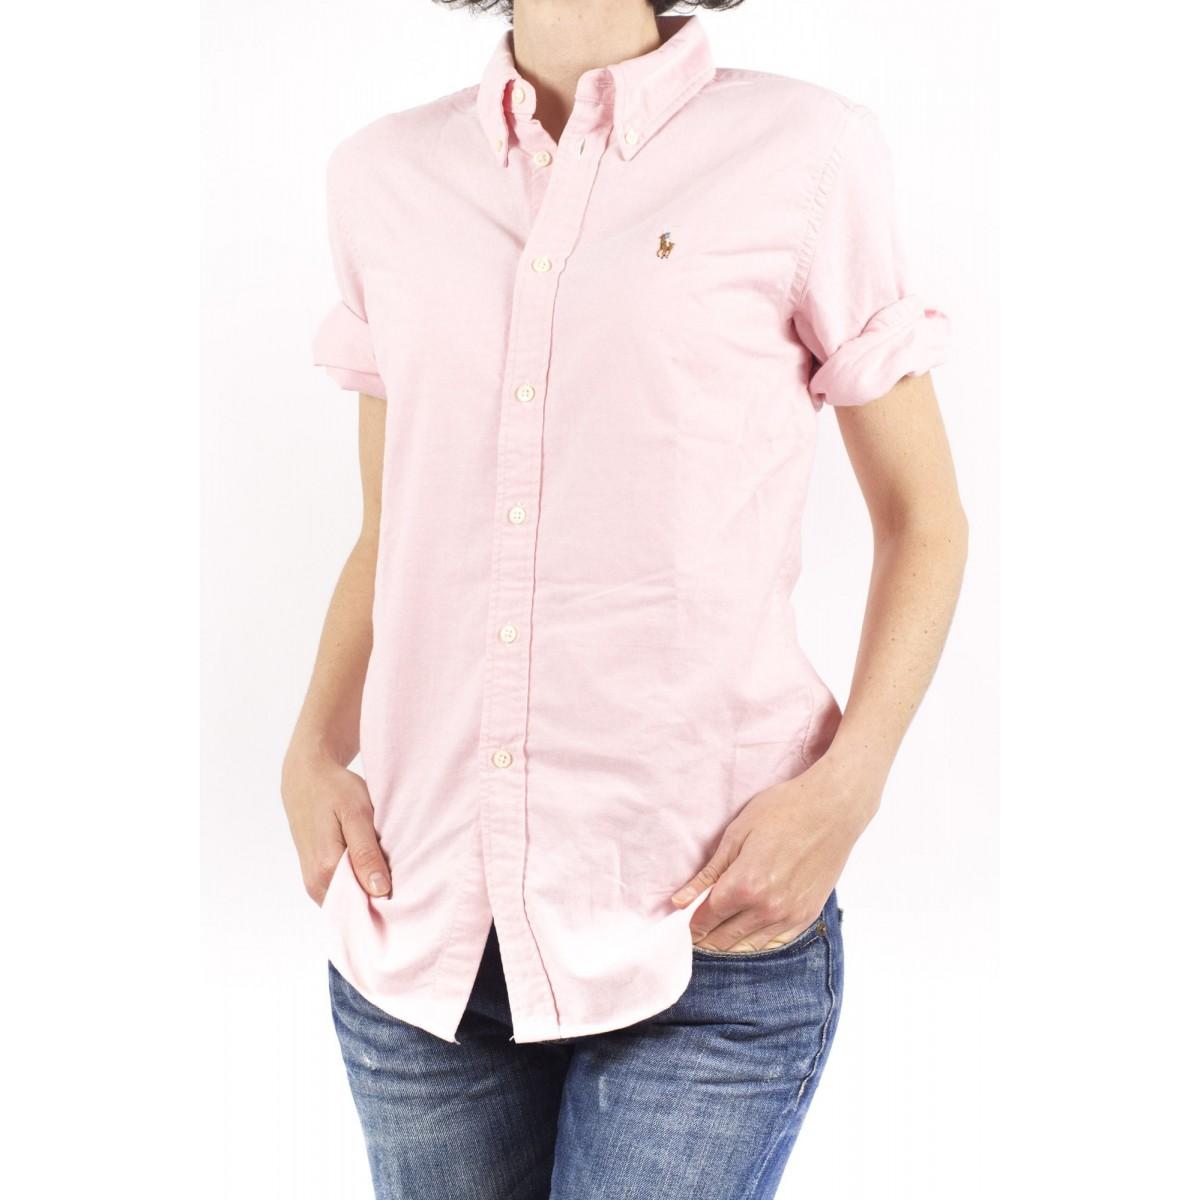 Camicia manica corta donna Ralph lauren - V33iojeyc9203 AA254 - rosa oxford